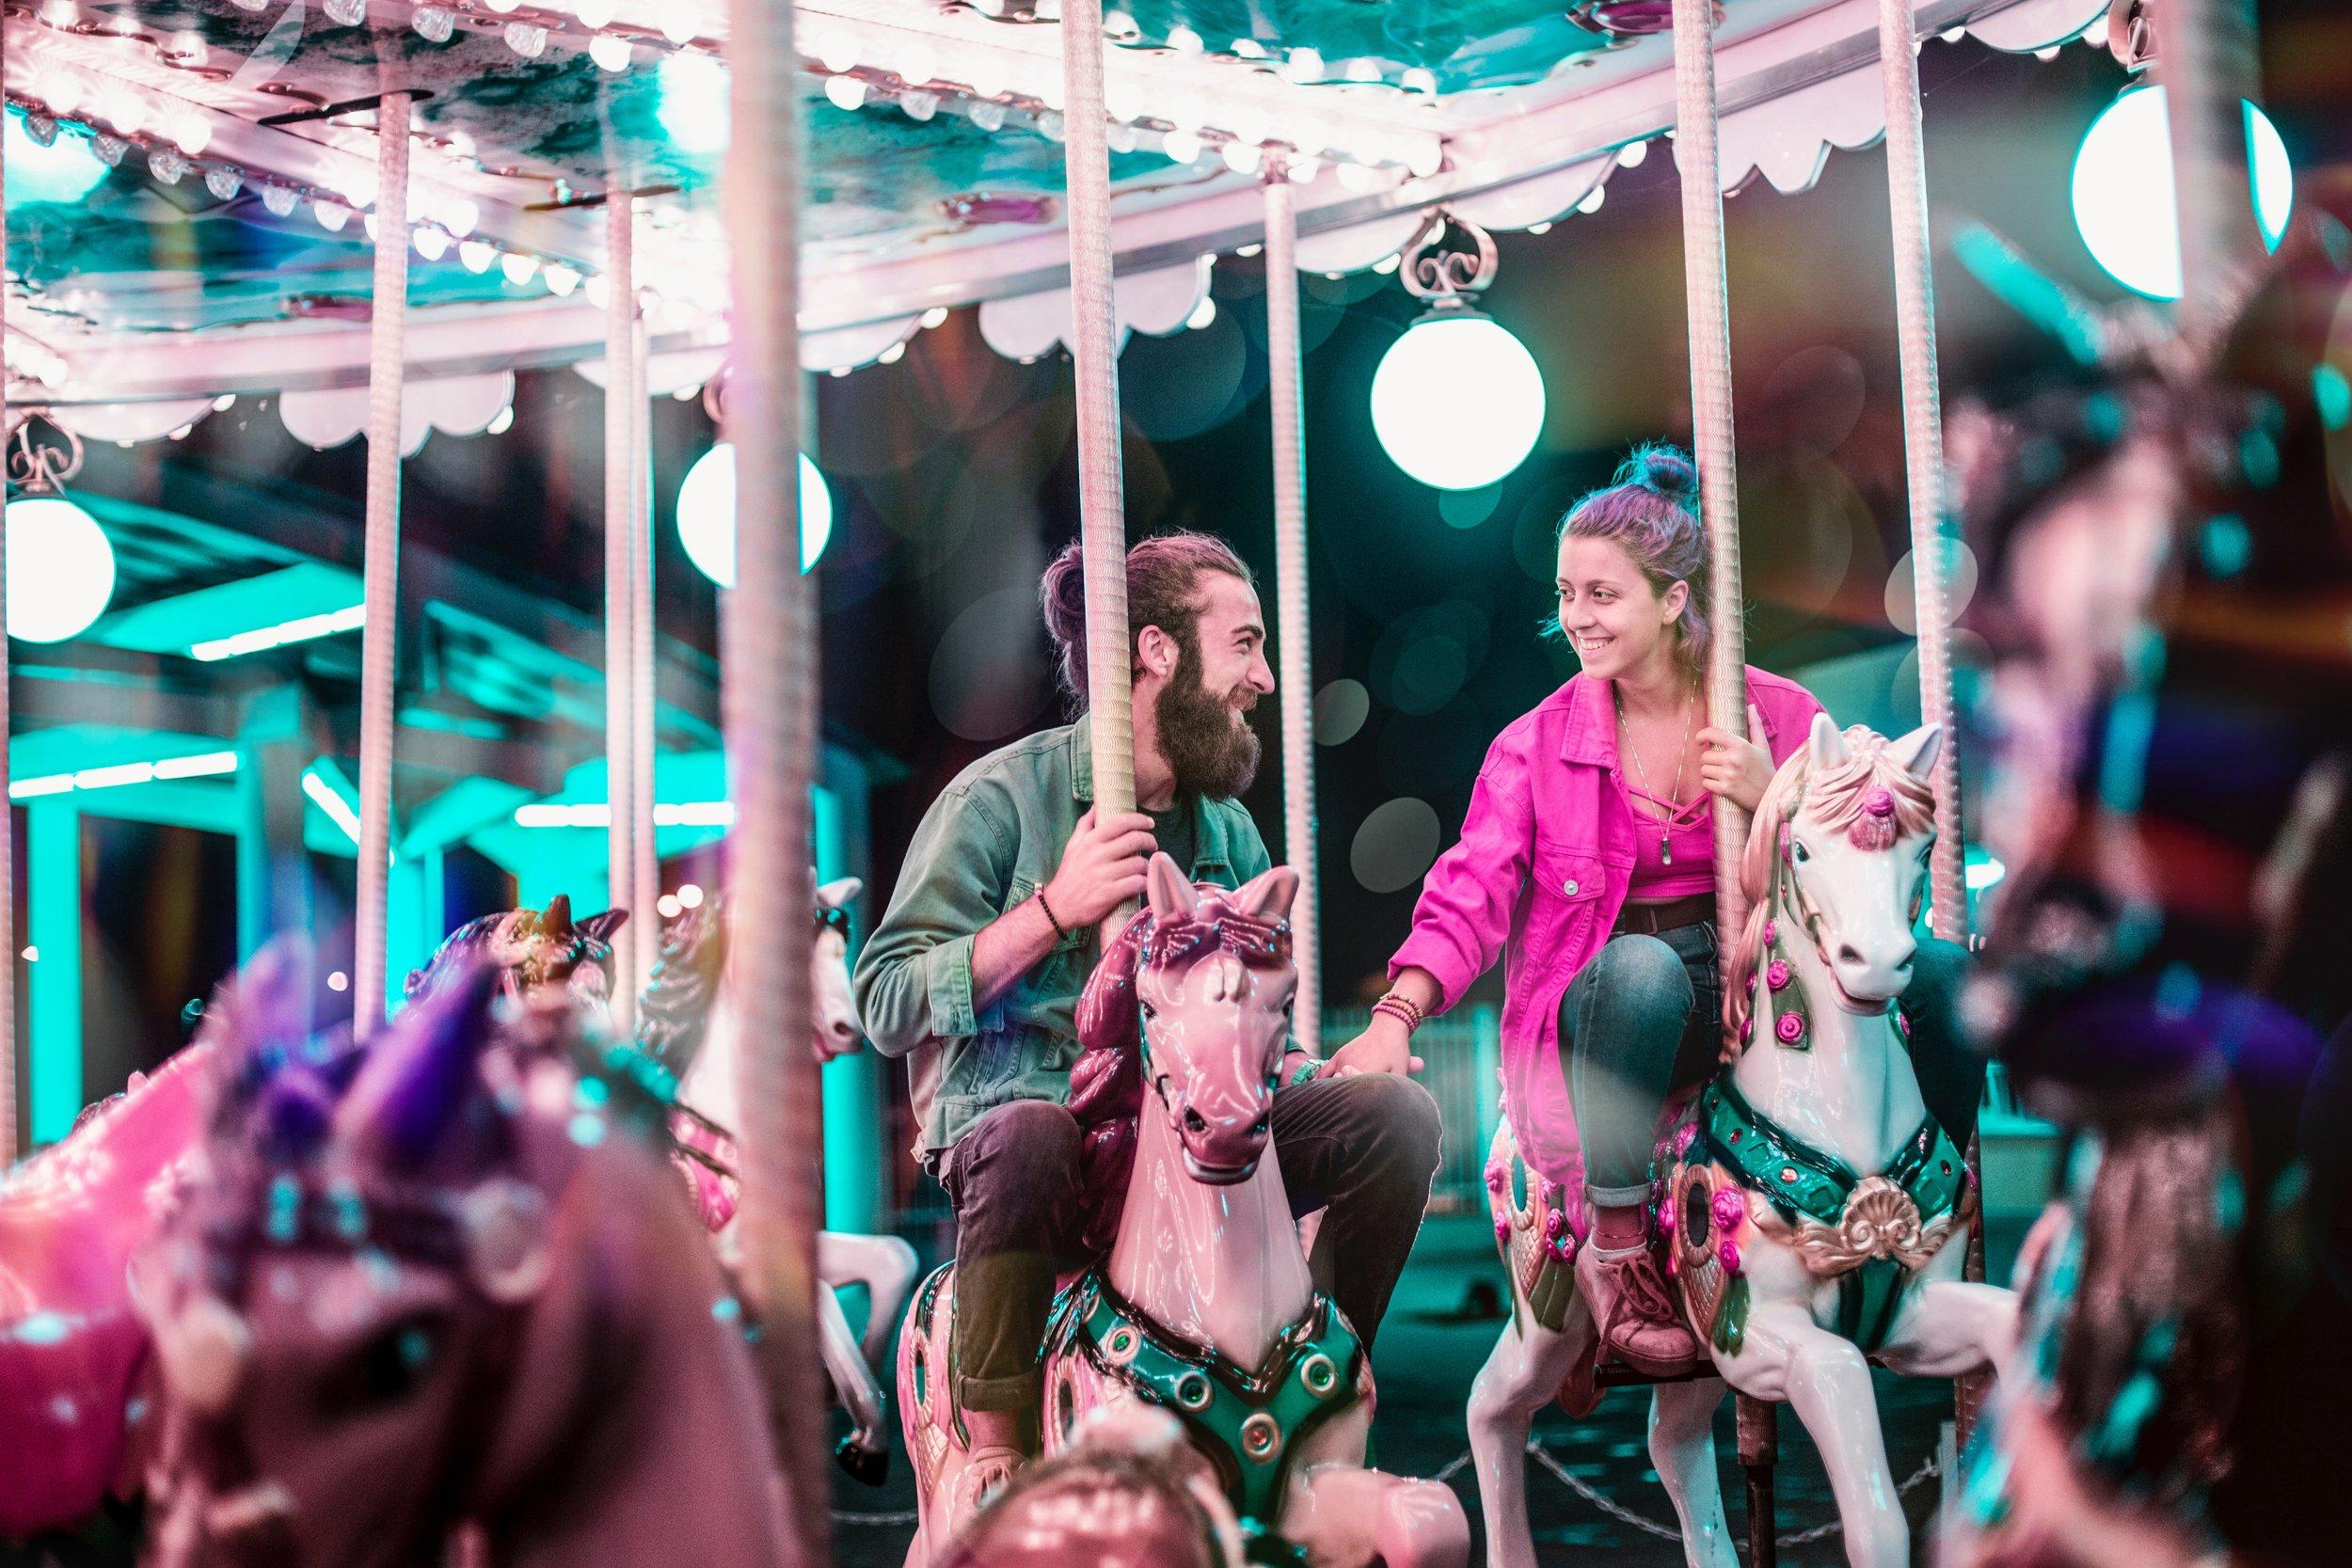 Couple on a Carousel